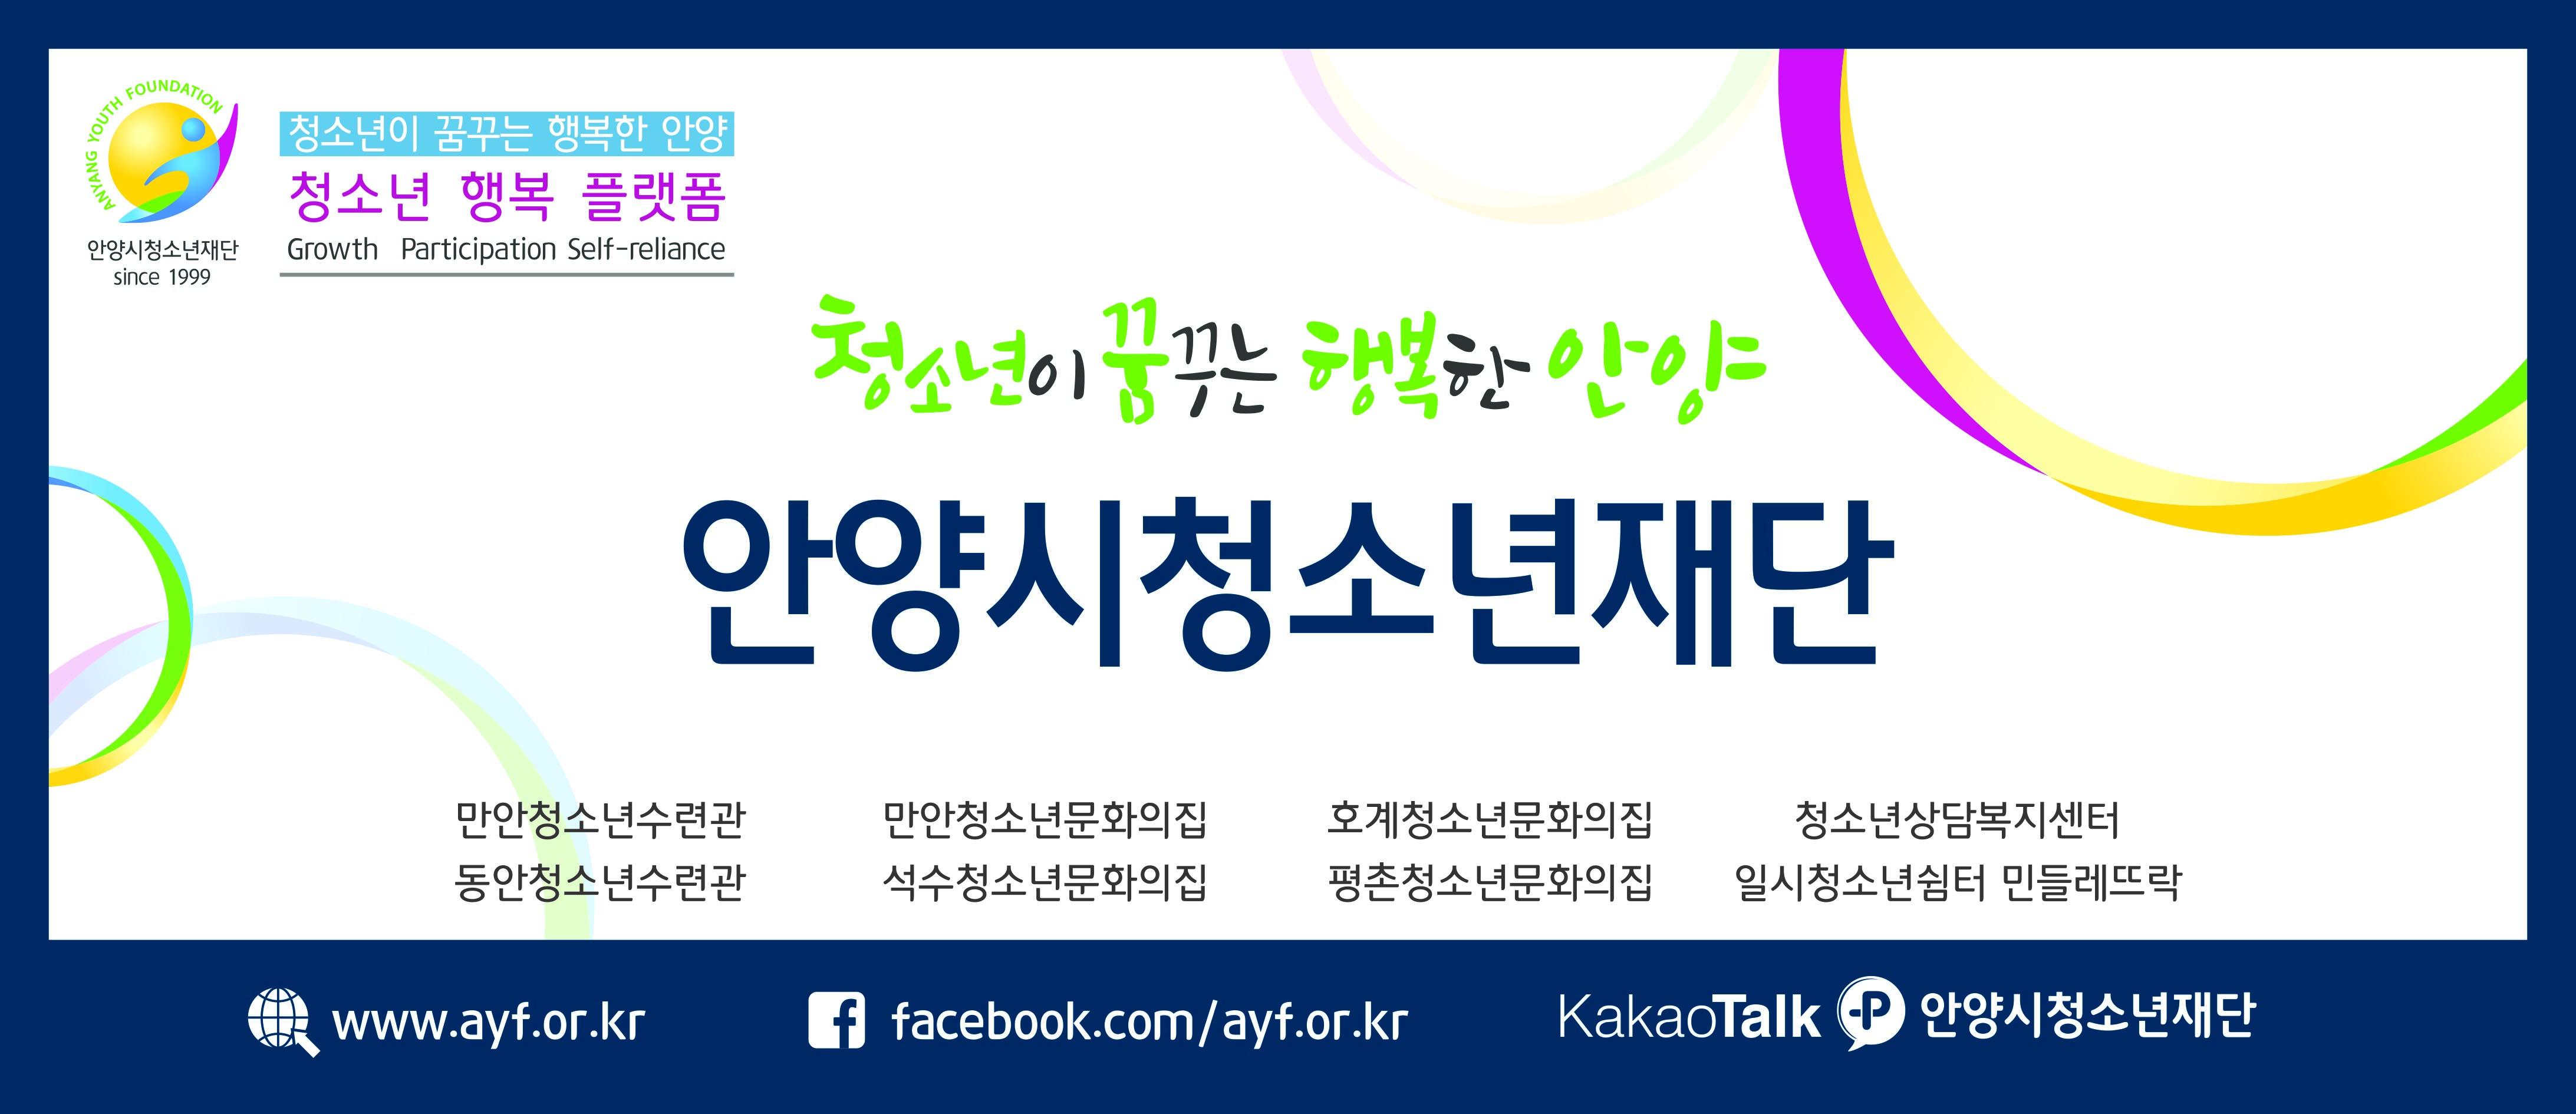 [AD]청소년이 꿈꾸는 행복한 안양 안양시청소년재단